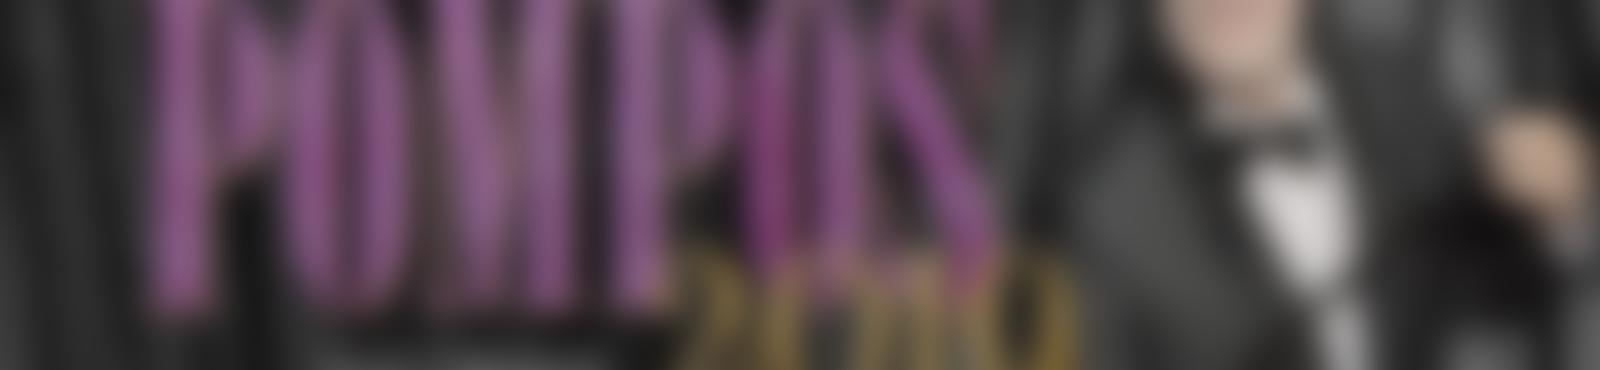 Blurred 713af5dc b485 42df 9bd9 afb3d932b1f3